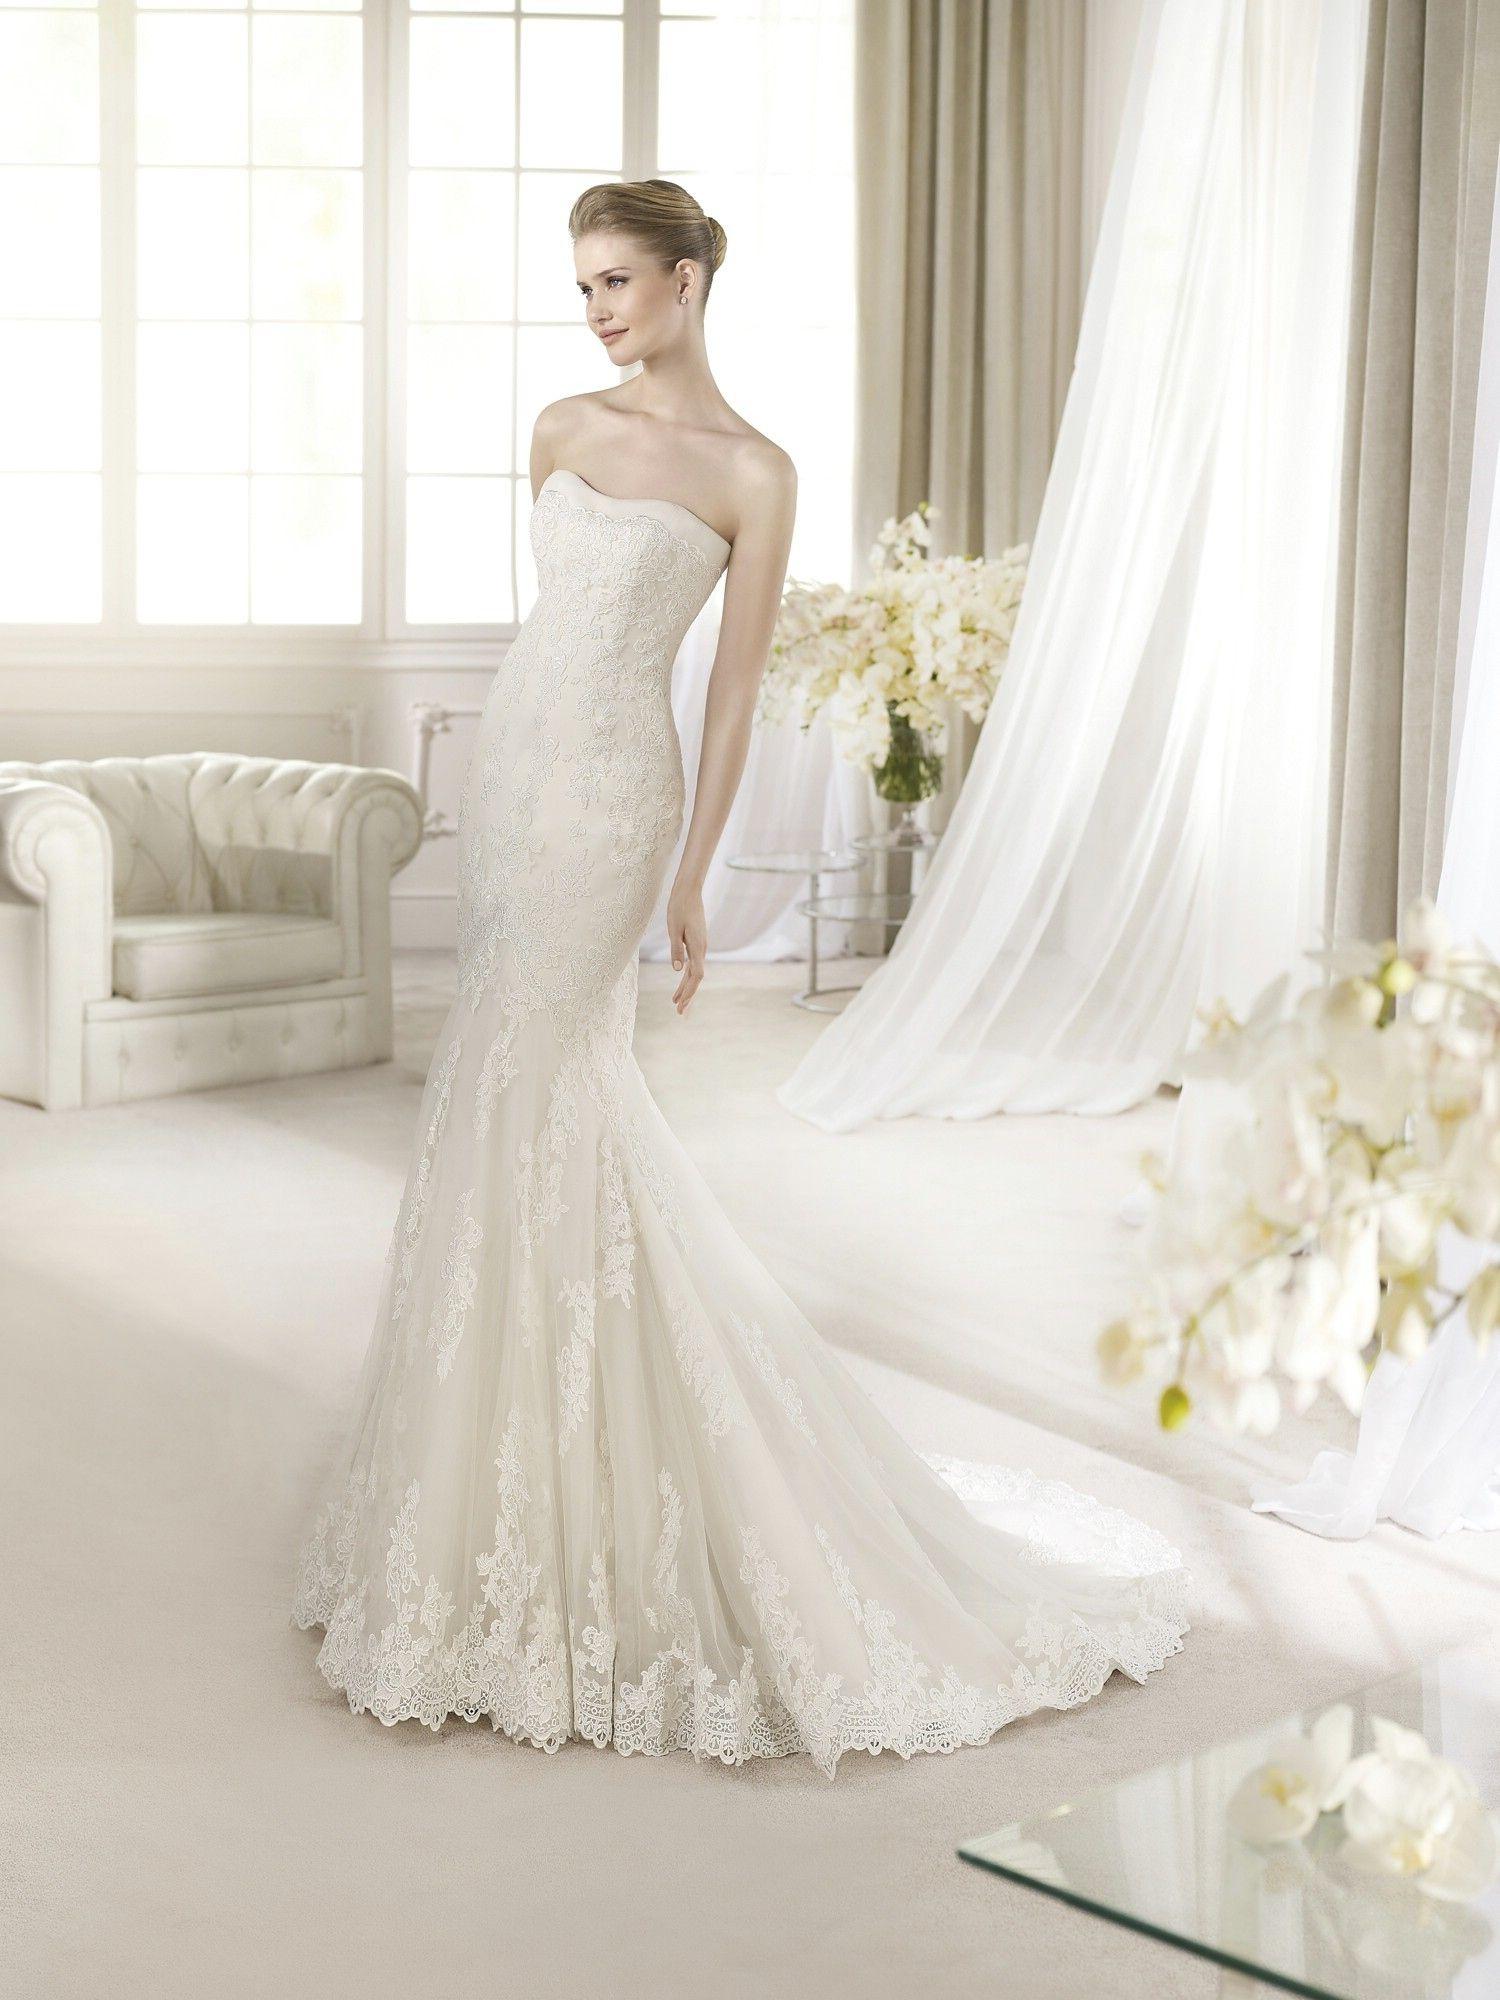 Wedding Gowns Atlanta Georgia – Fashion design images